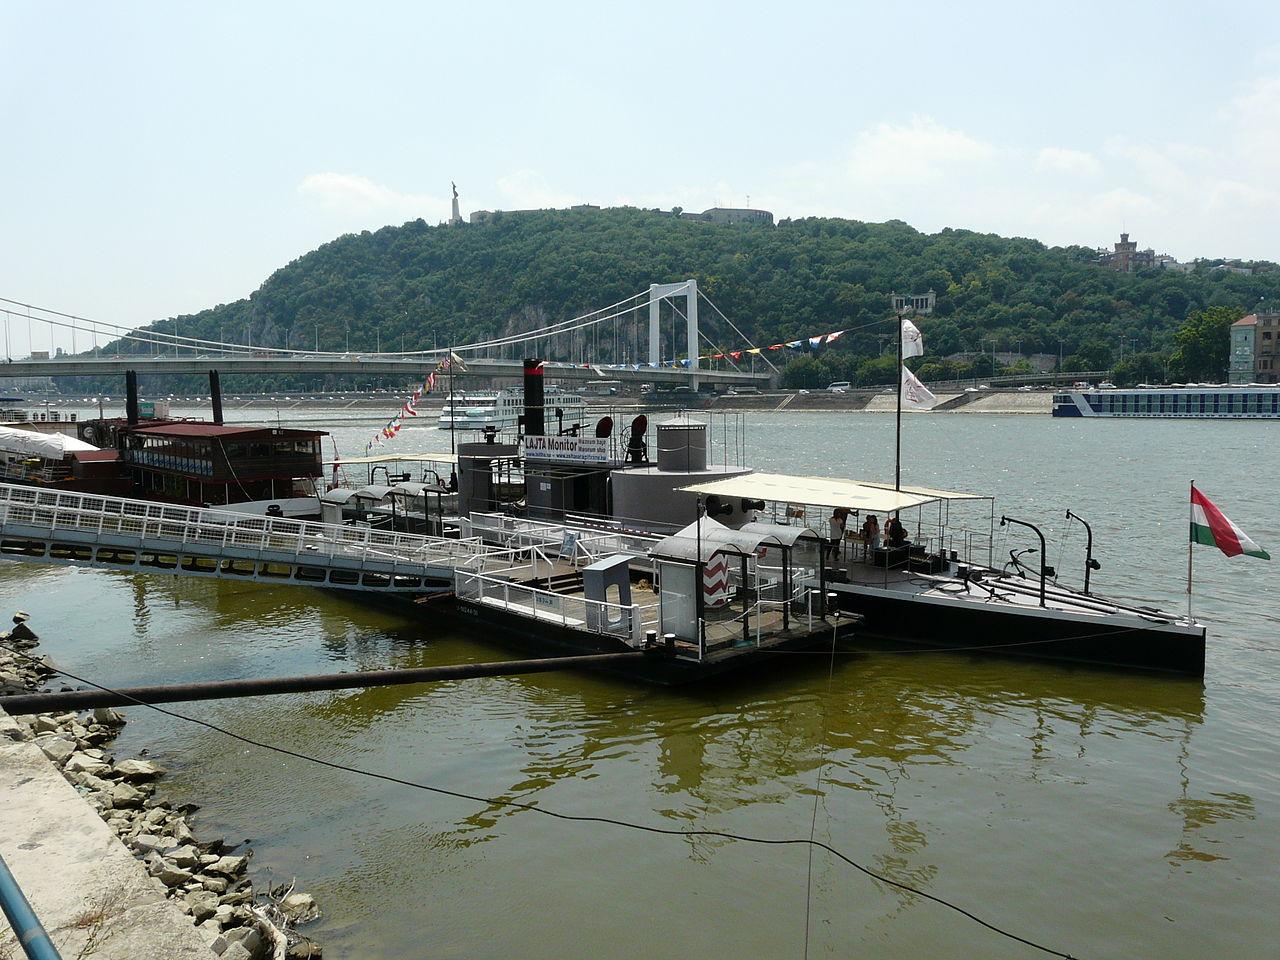 Duna egy kötővel és a Gellért-heggyel a háttérben